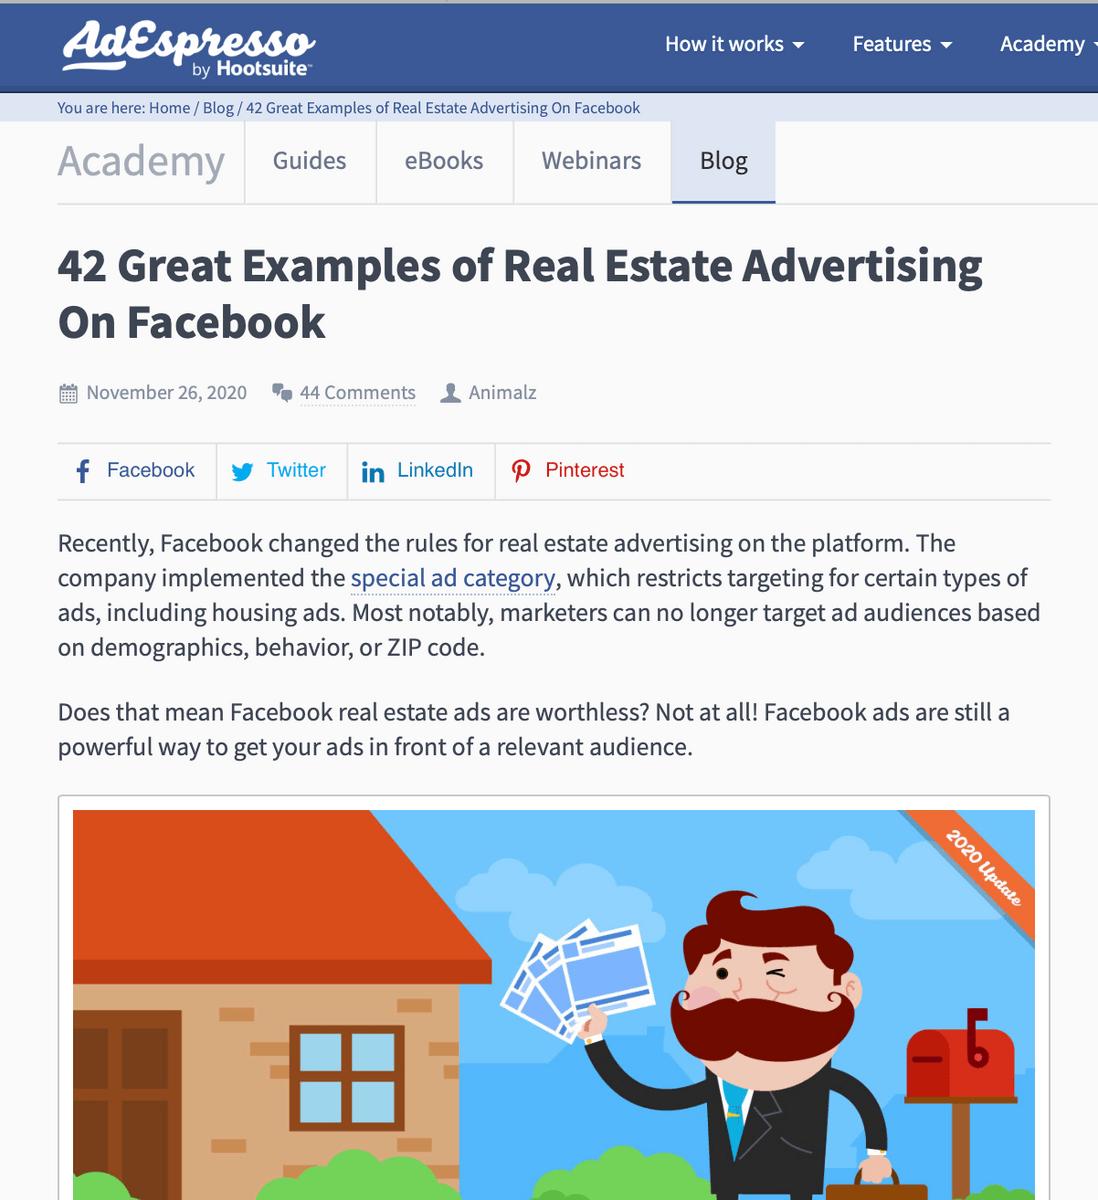 AdEspresso blog post segmented content strategy